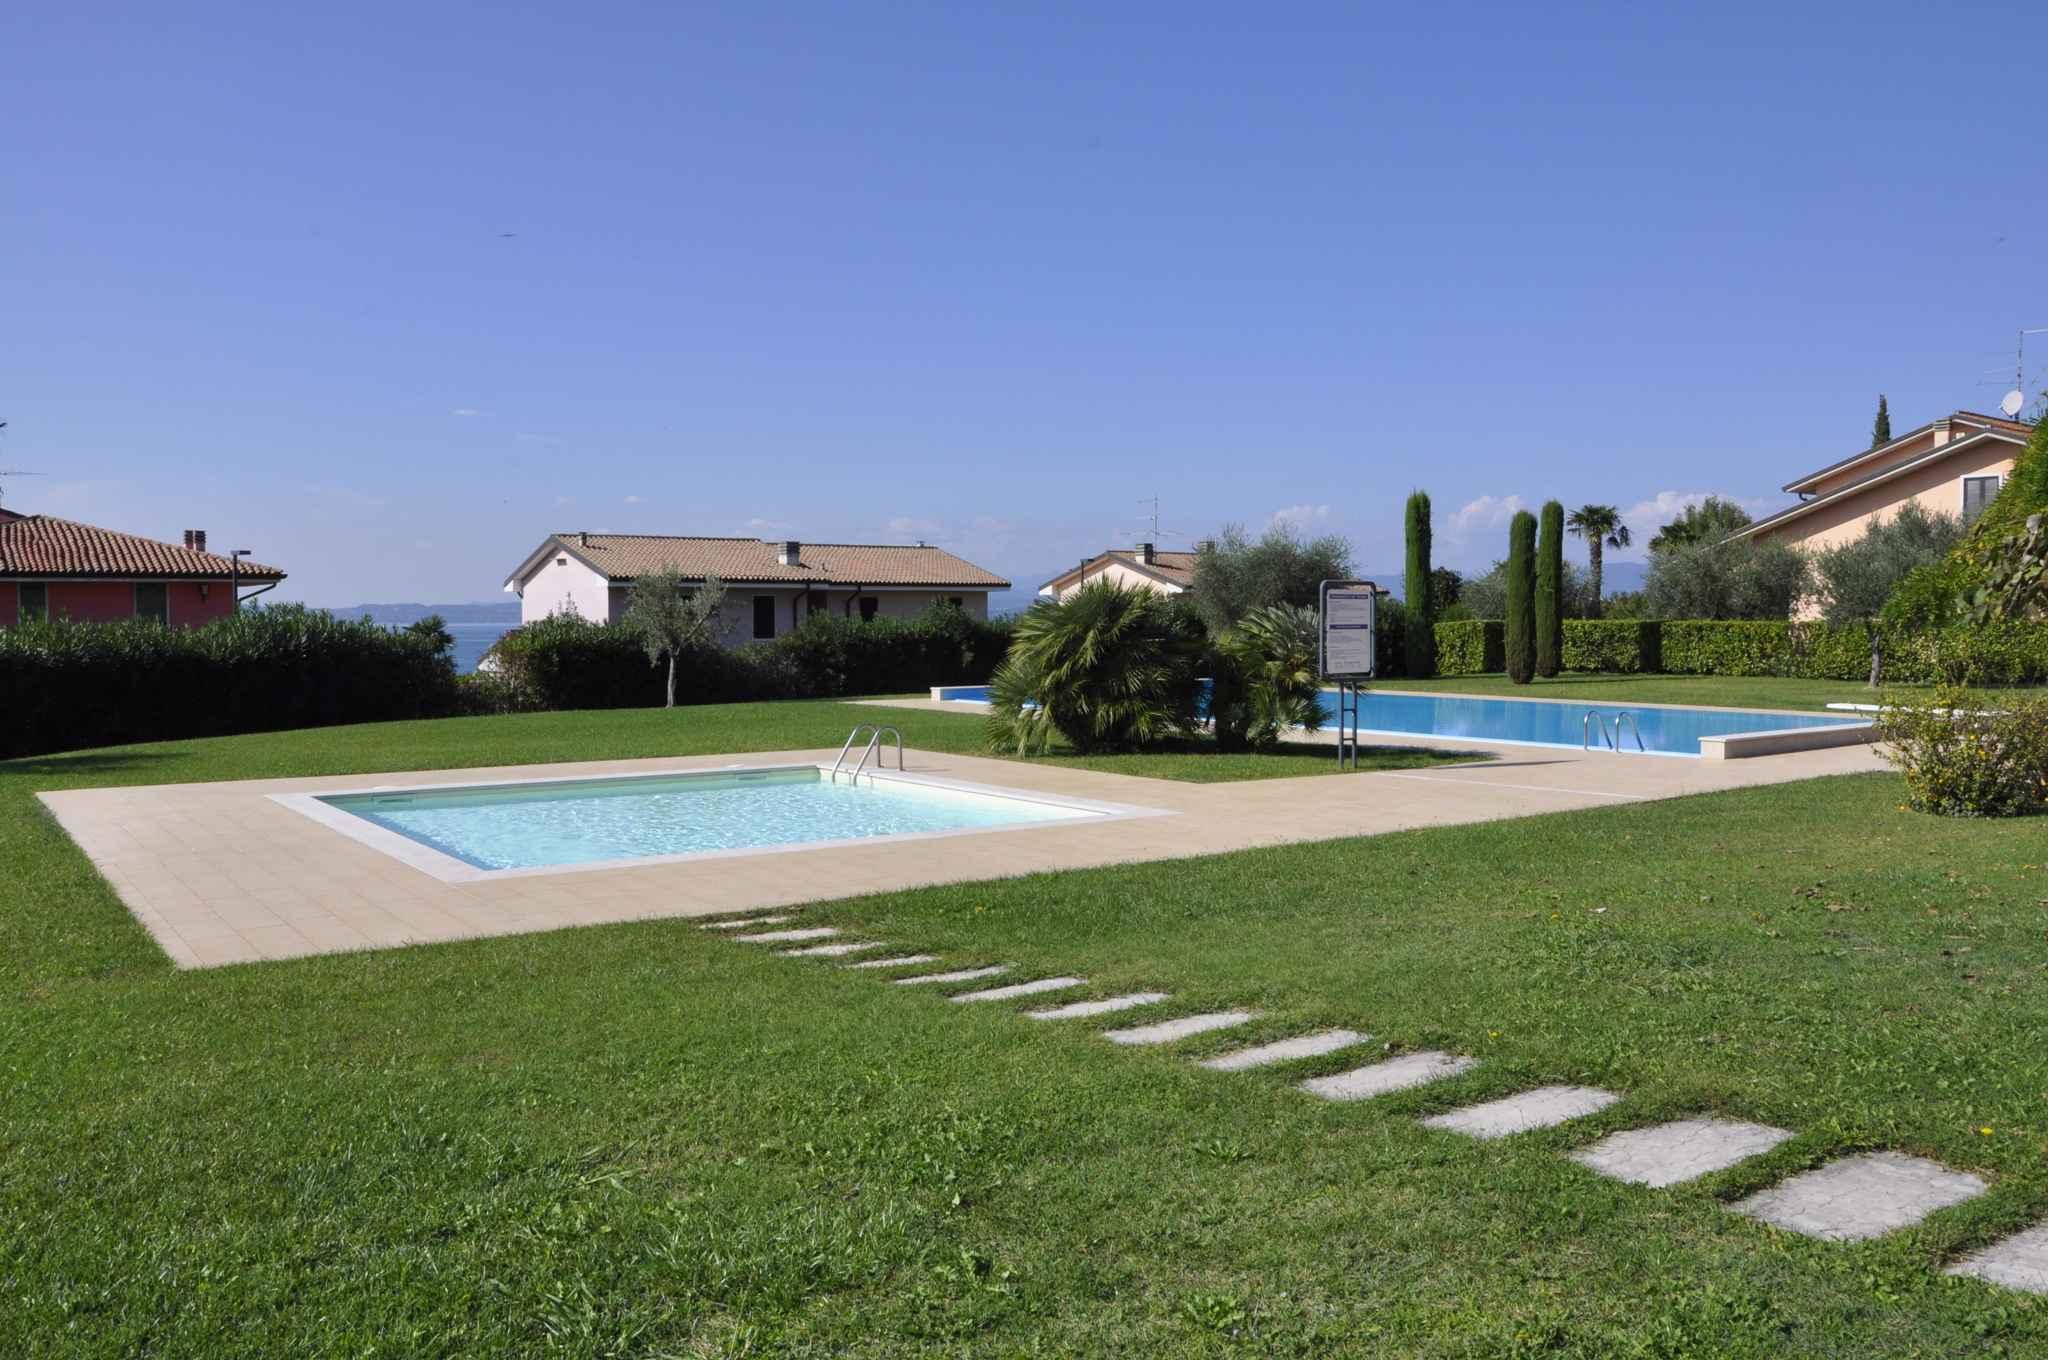 Ferienwohnung con piscina (279601), Lazise, Gardasee, Venetien, Italien, Bild 5